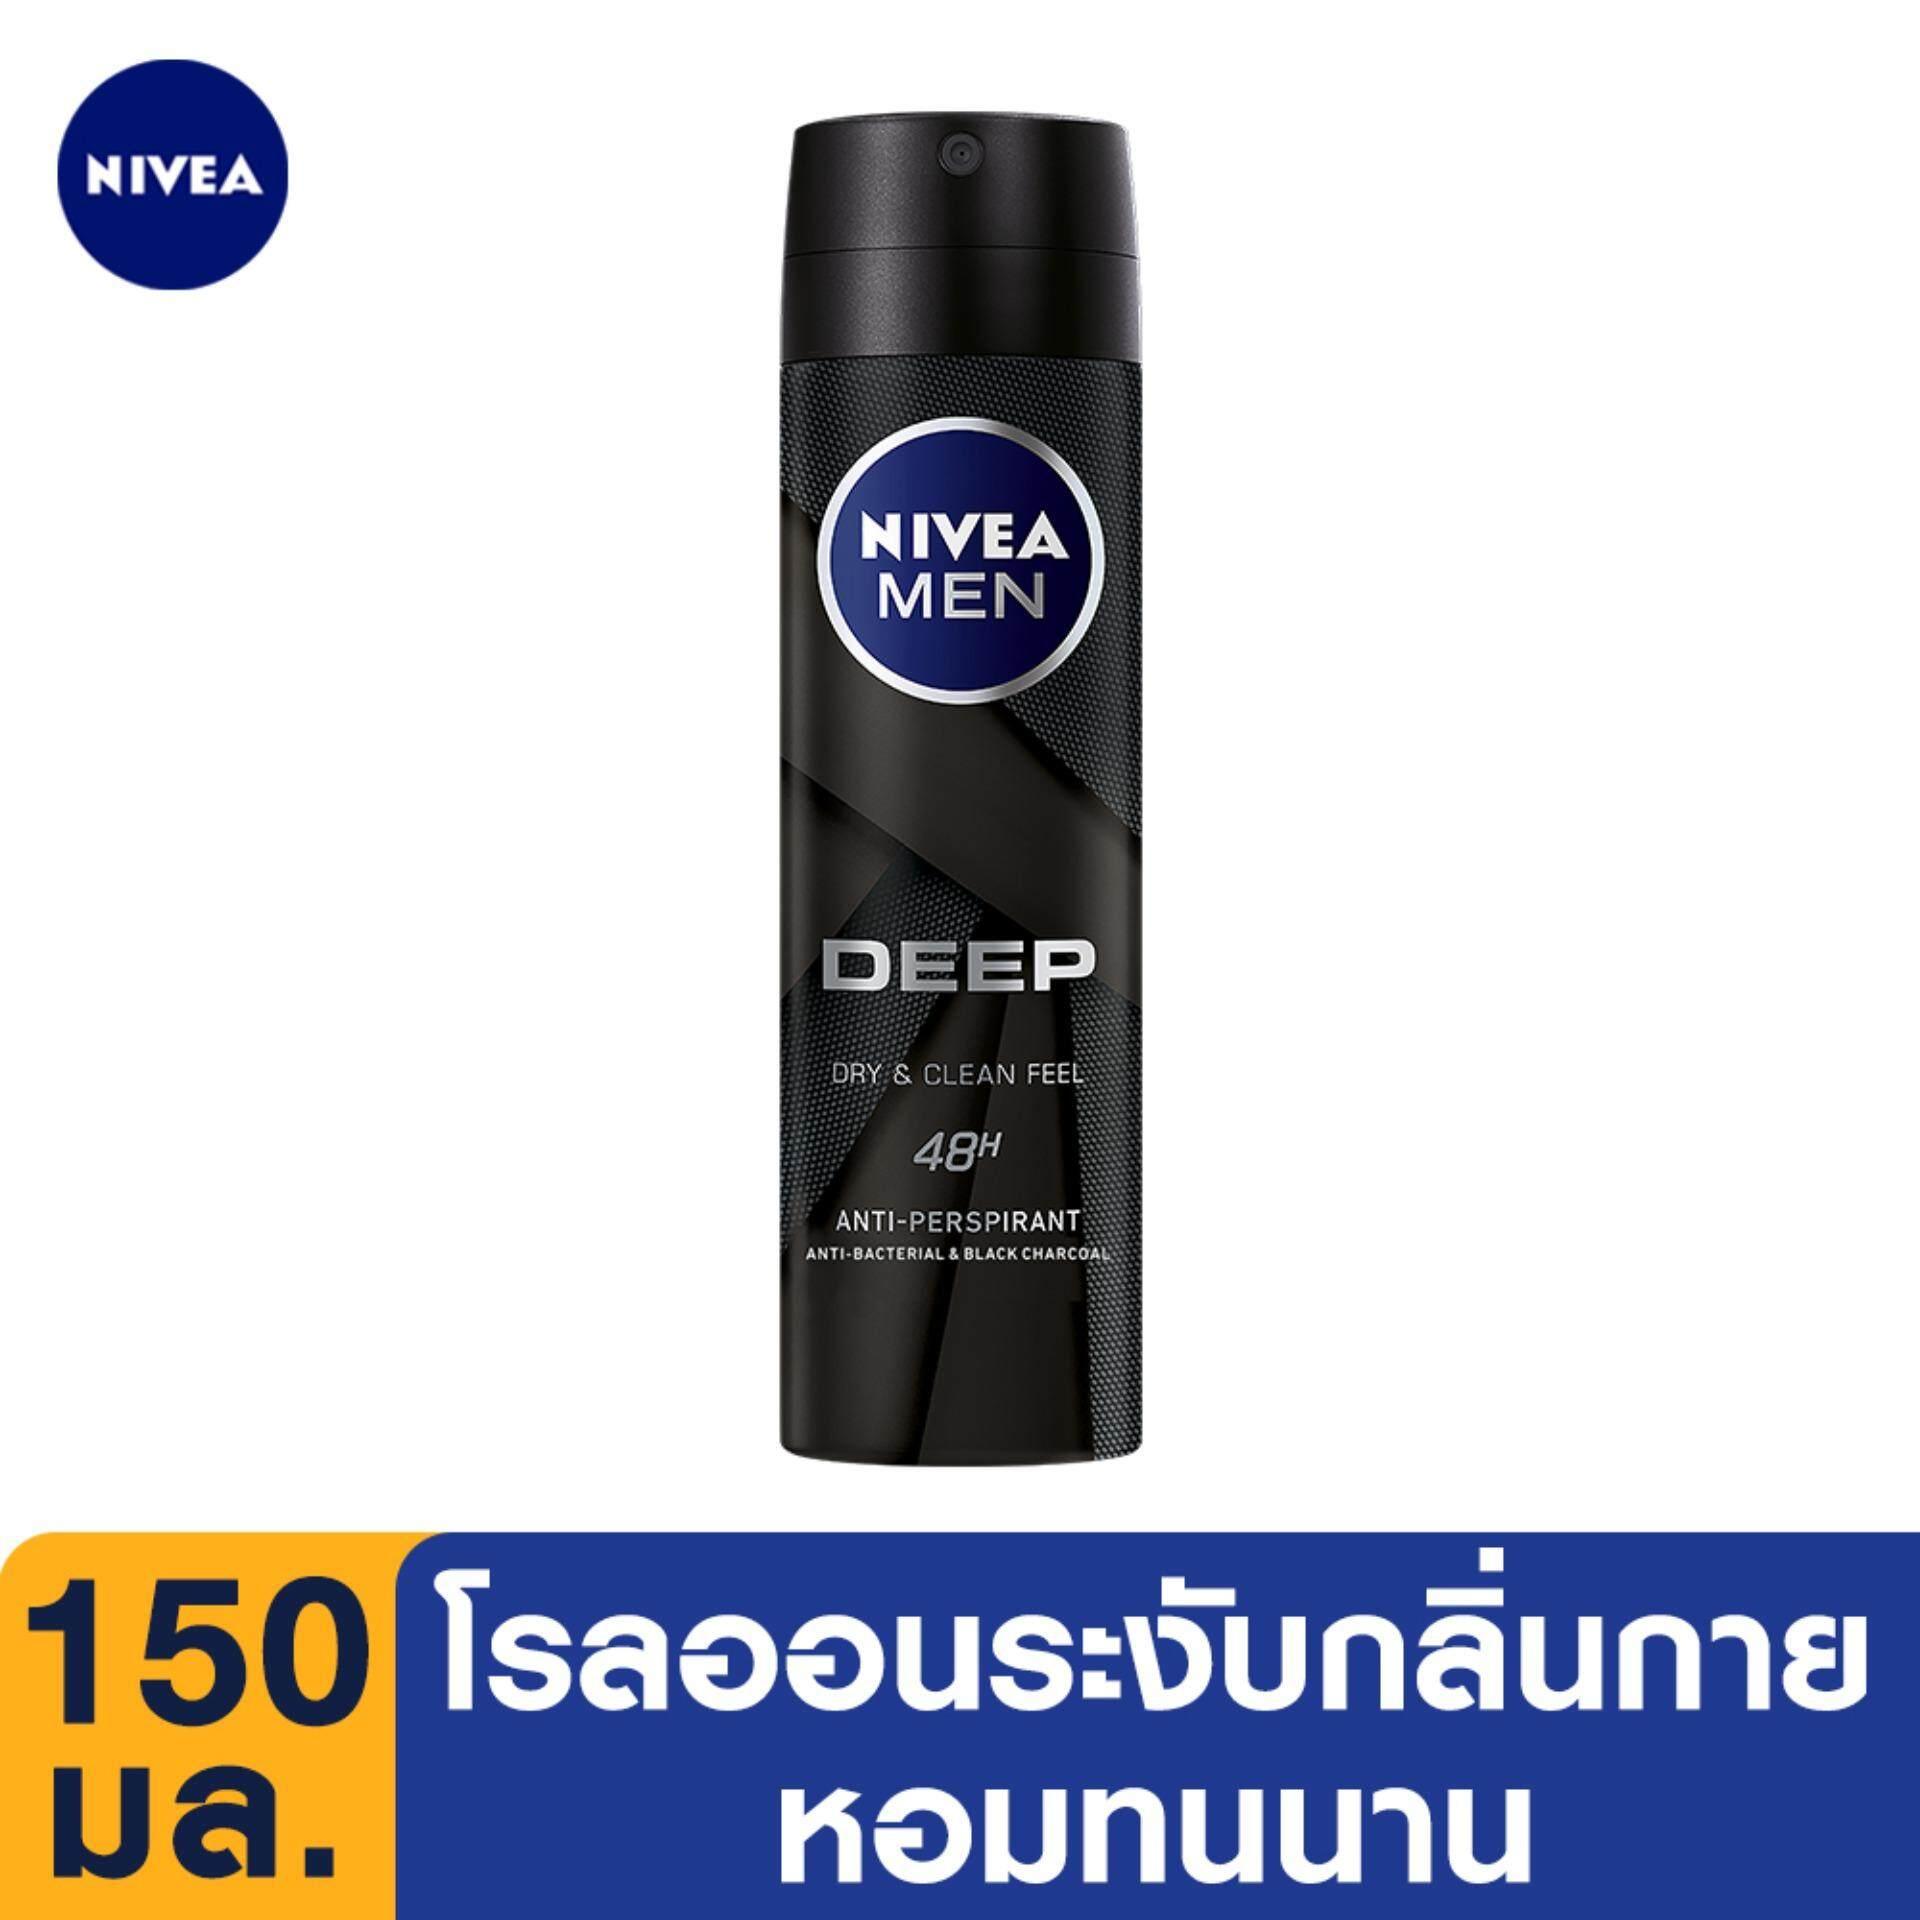 นีเวีย เมน ดีพ สเปรย์ ผลิตภัณฑ์ลดเหงื่อและระงับกลิ่นกาย 150 มล. Nivea Men Deep Spray 150 Ml..